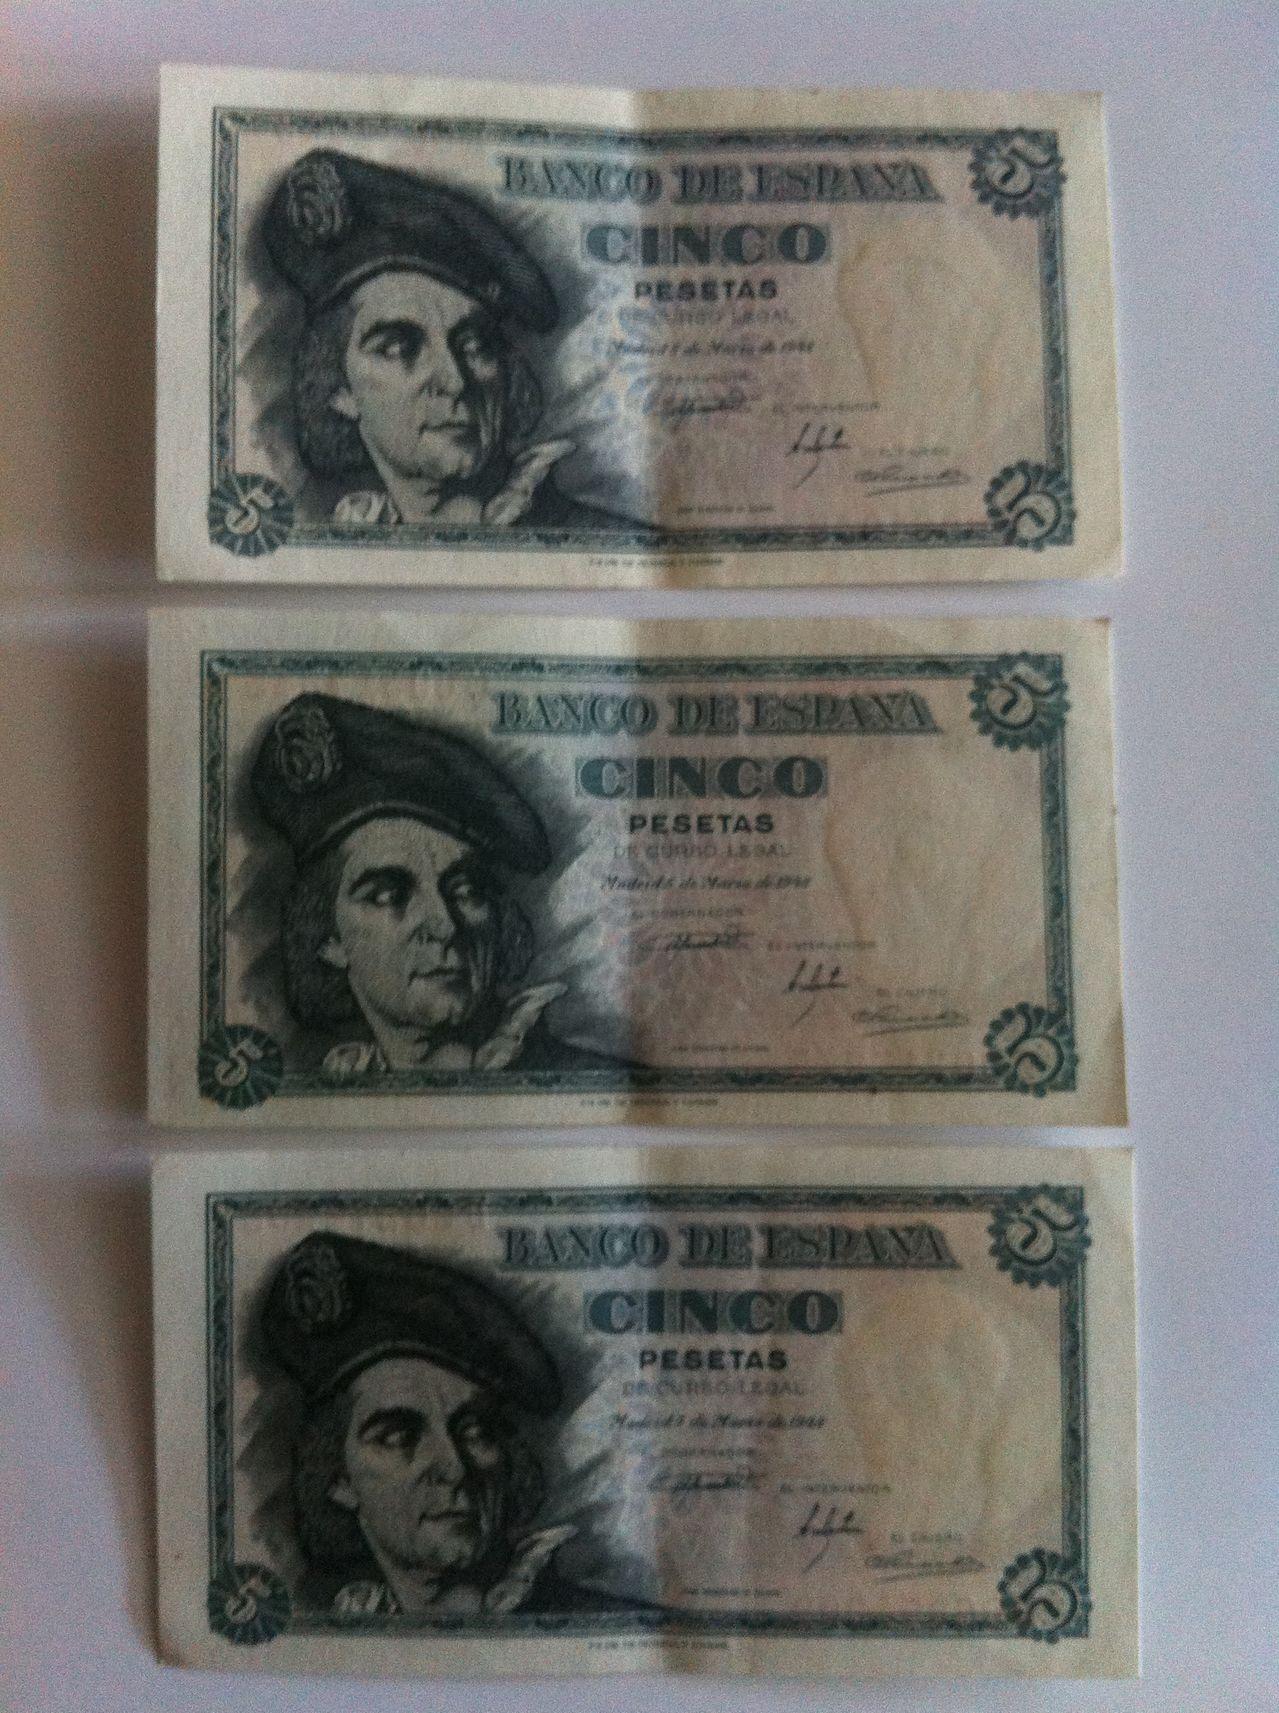 Ayuda para valorar coleccion de billetes IMG_4985